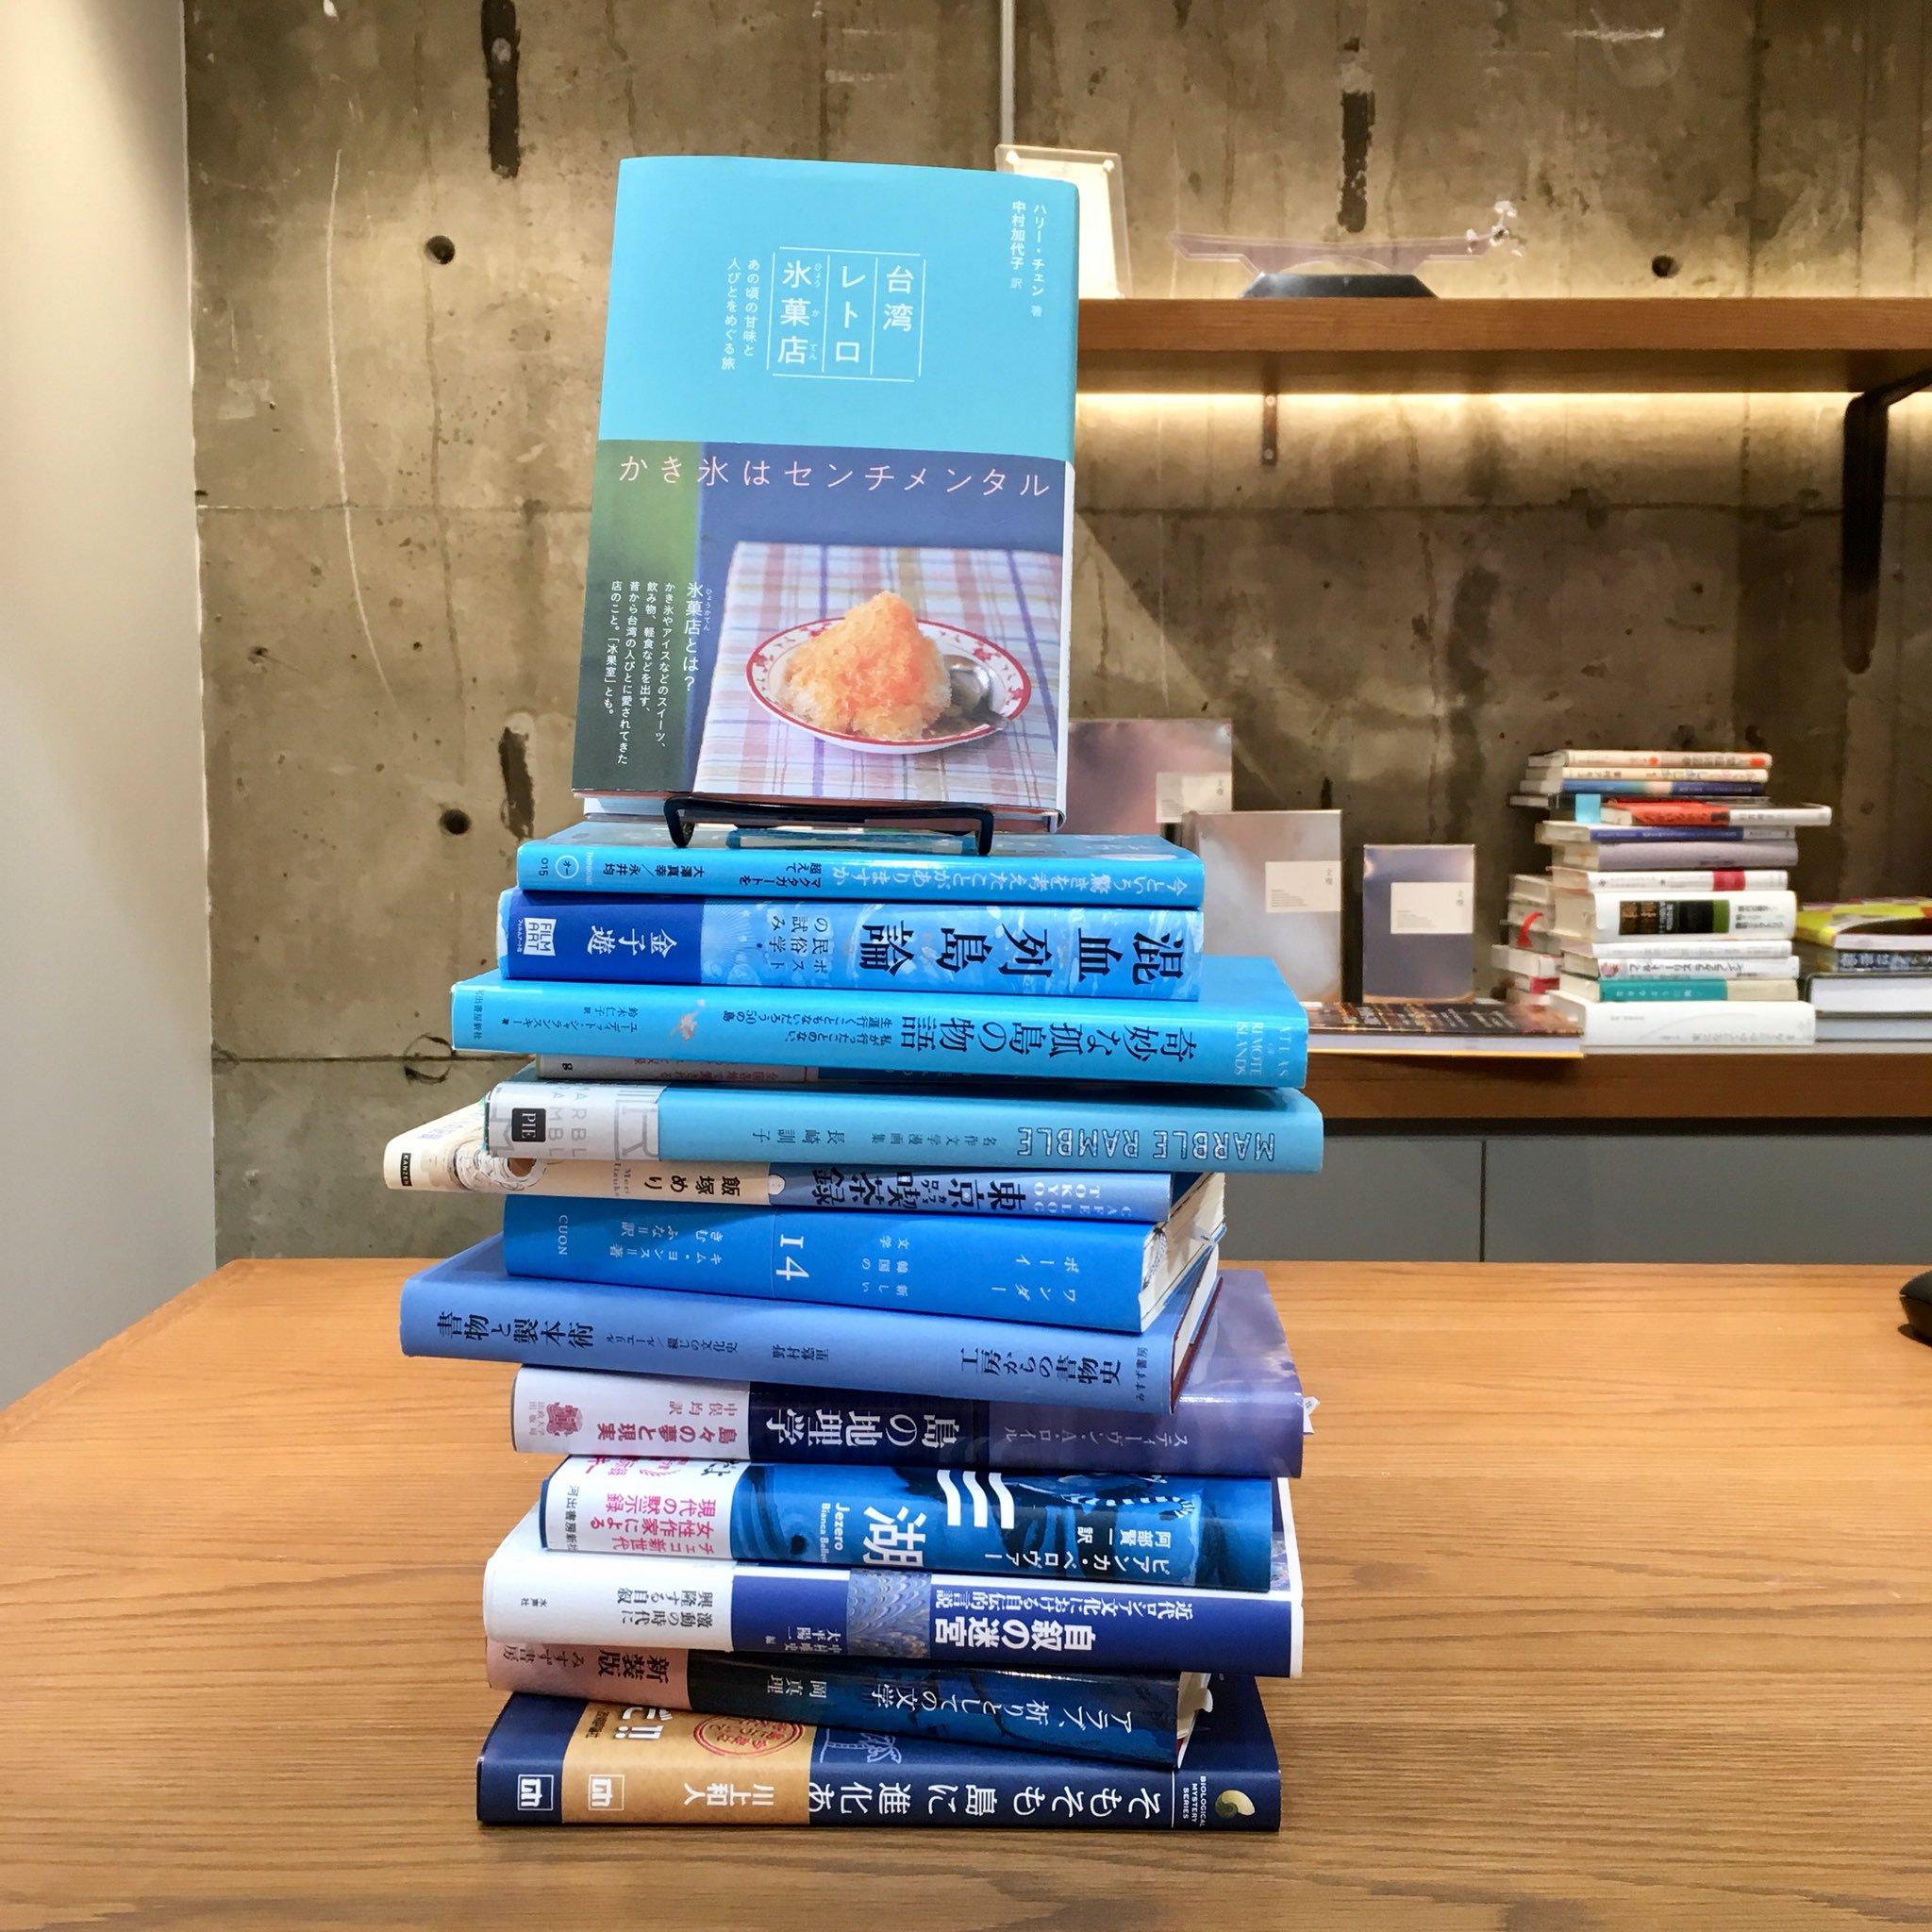 ハリー・チェン『台湾レトロ氷菓店』(グラフィック社)